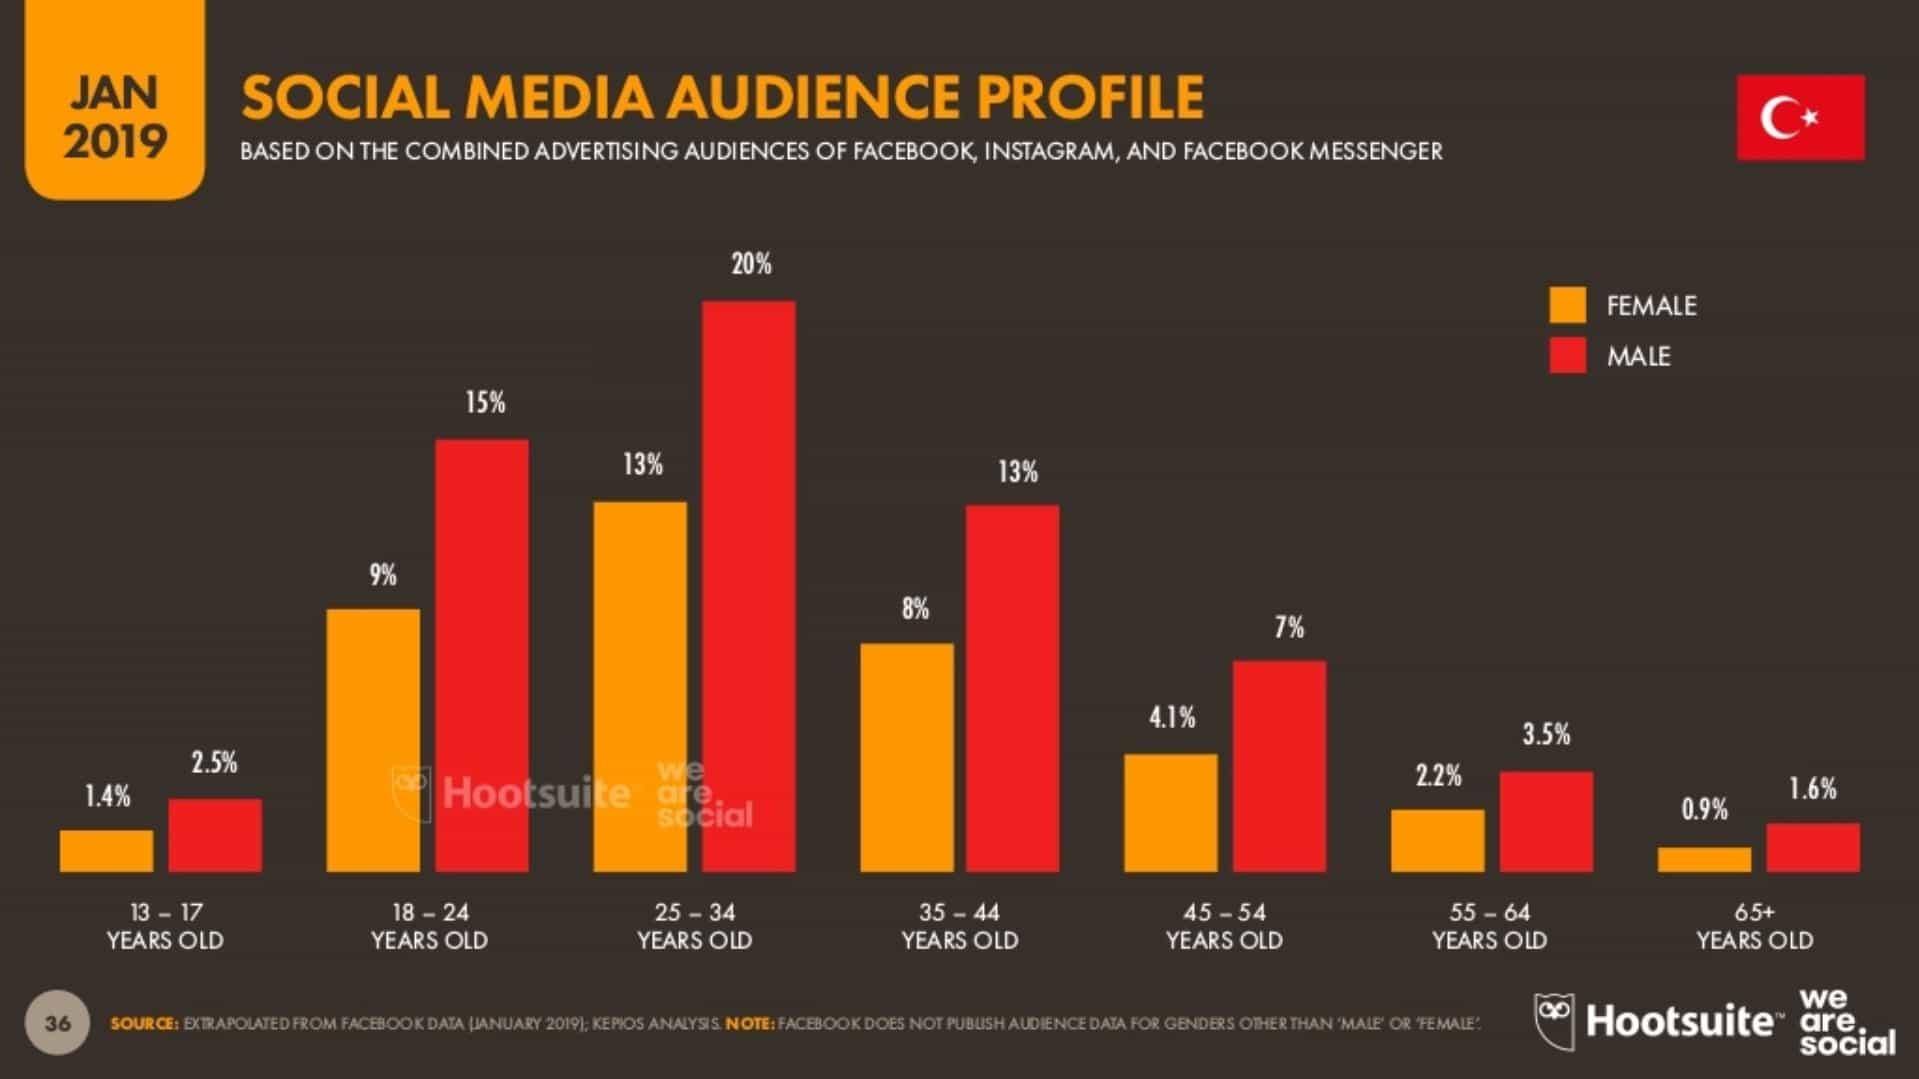 Sosyal Medya Kullanımının Yaşlara Göre Dağılımı